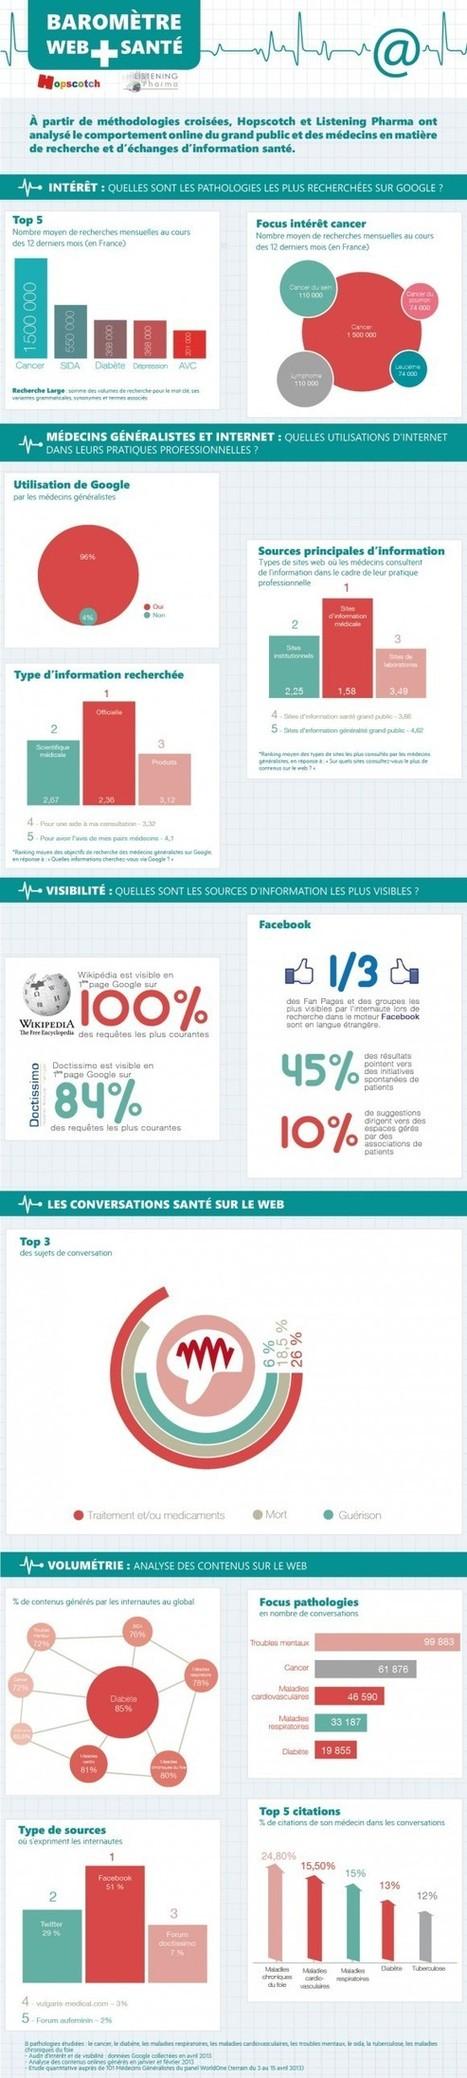 Baromètre Web et santé 2013 | le monde de la e-santé | Scoop.it